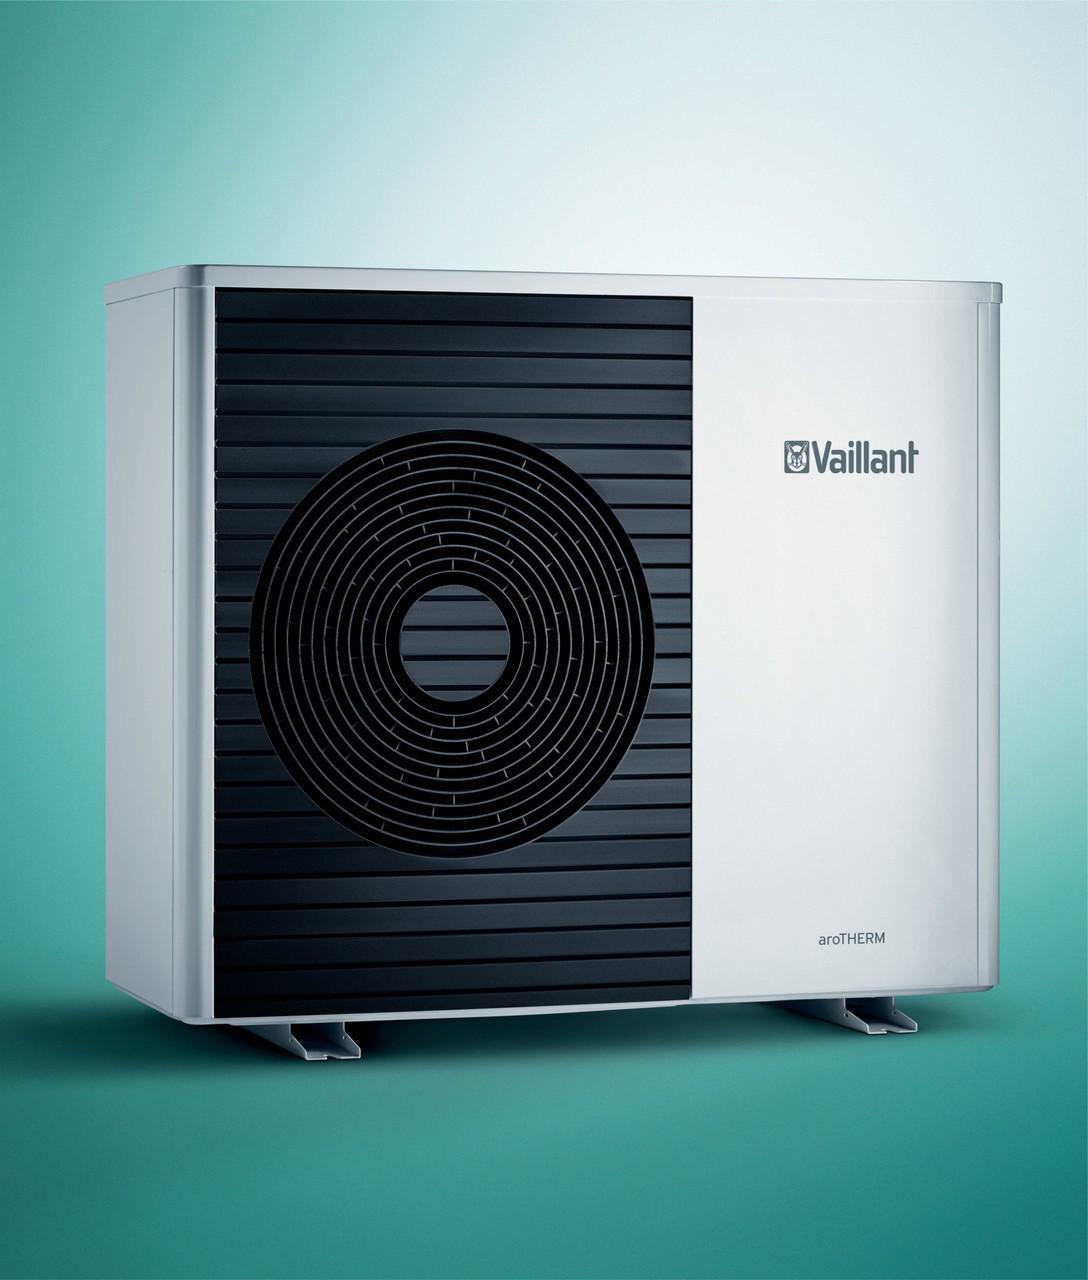 Тепловой насос для отопления, горячего водоснабжения и охлаждения Vaillant aroTHERM split VWL 75/5 AS 230V